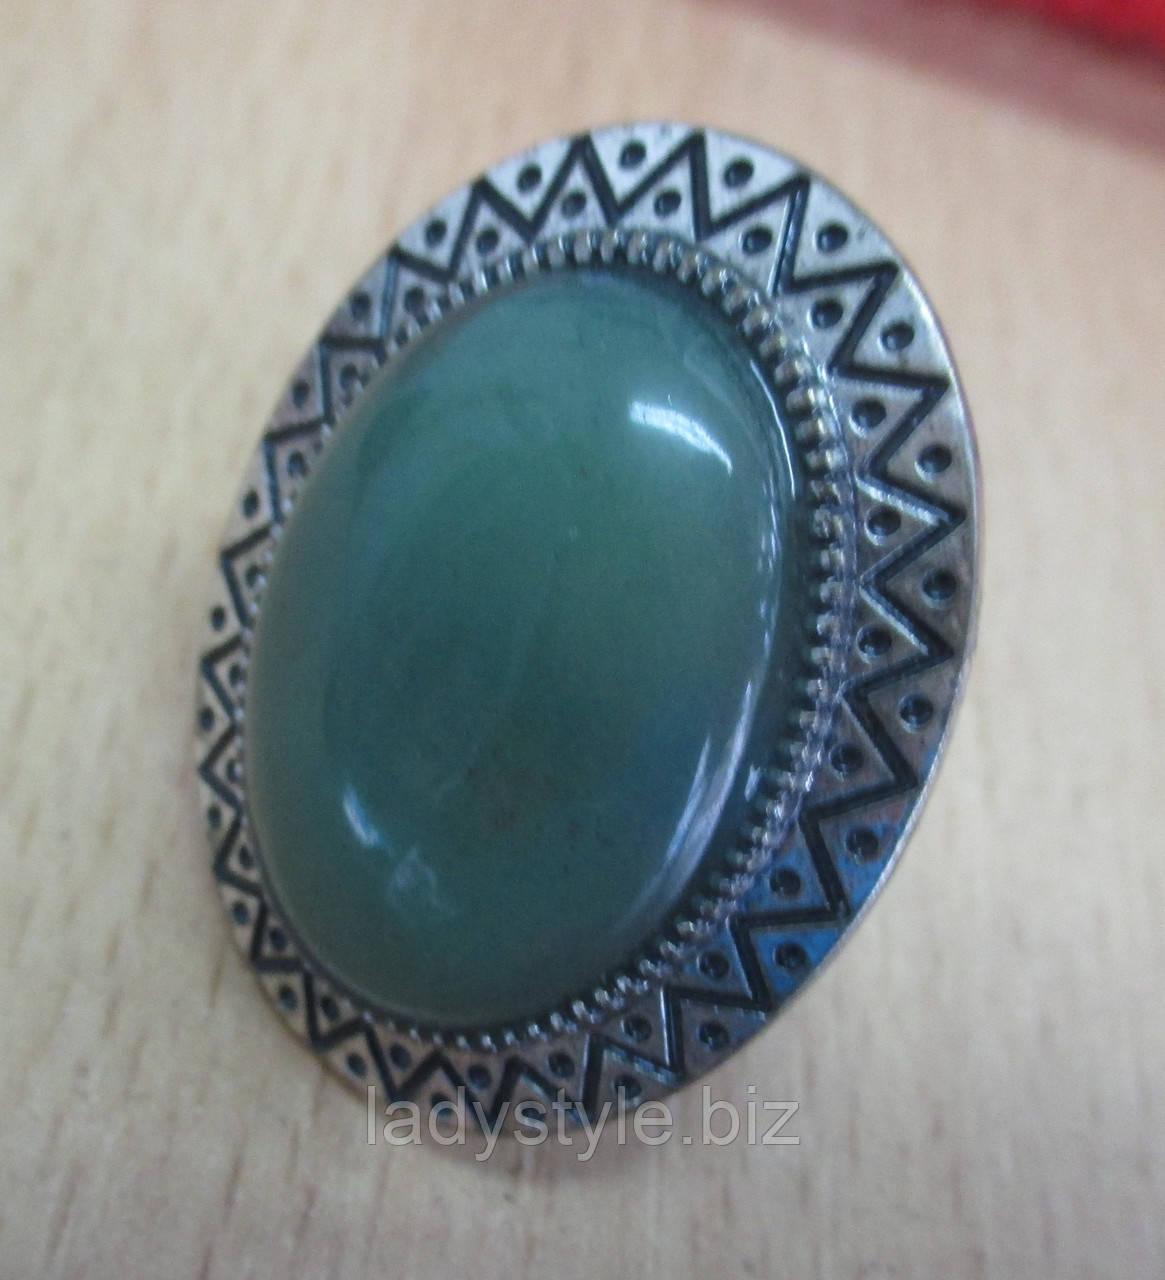 Перстень с нефритом от студии LadyStyle.Biz, фото 1